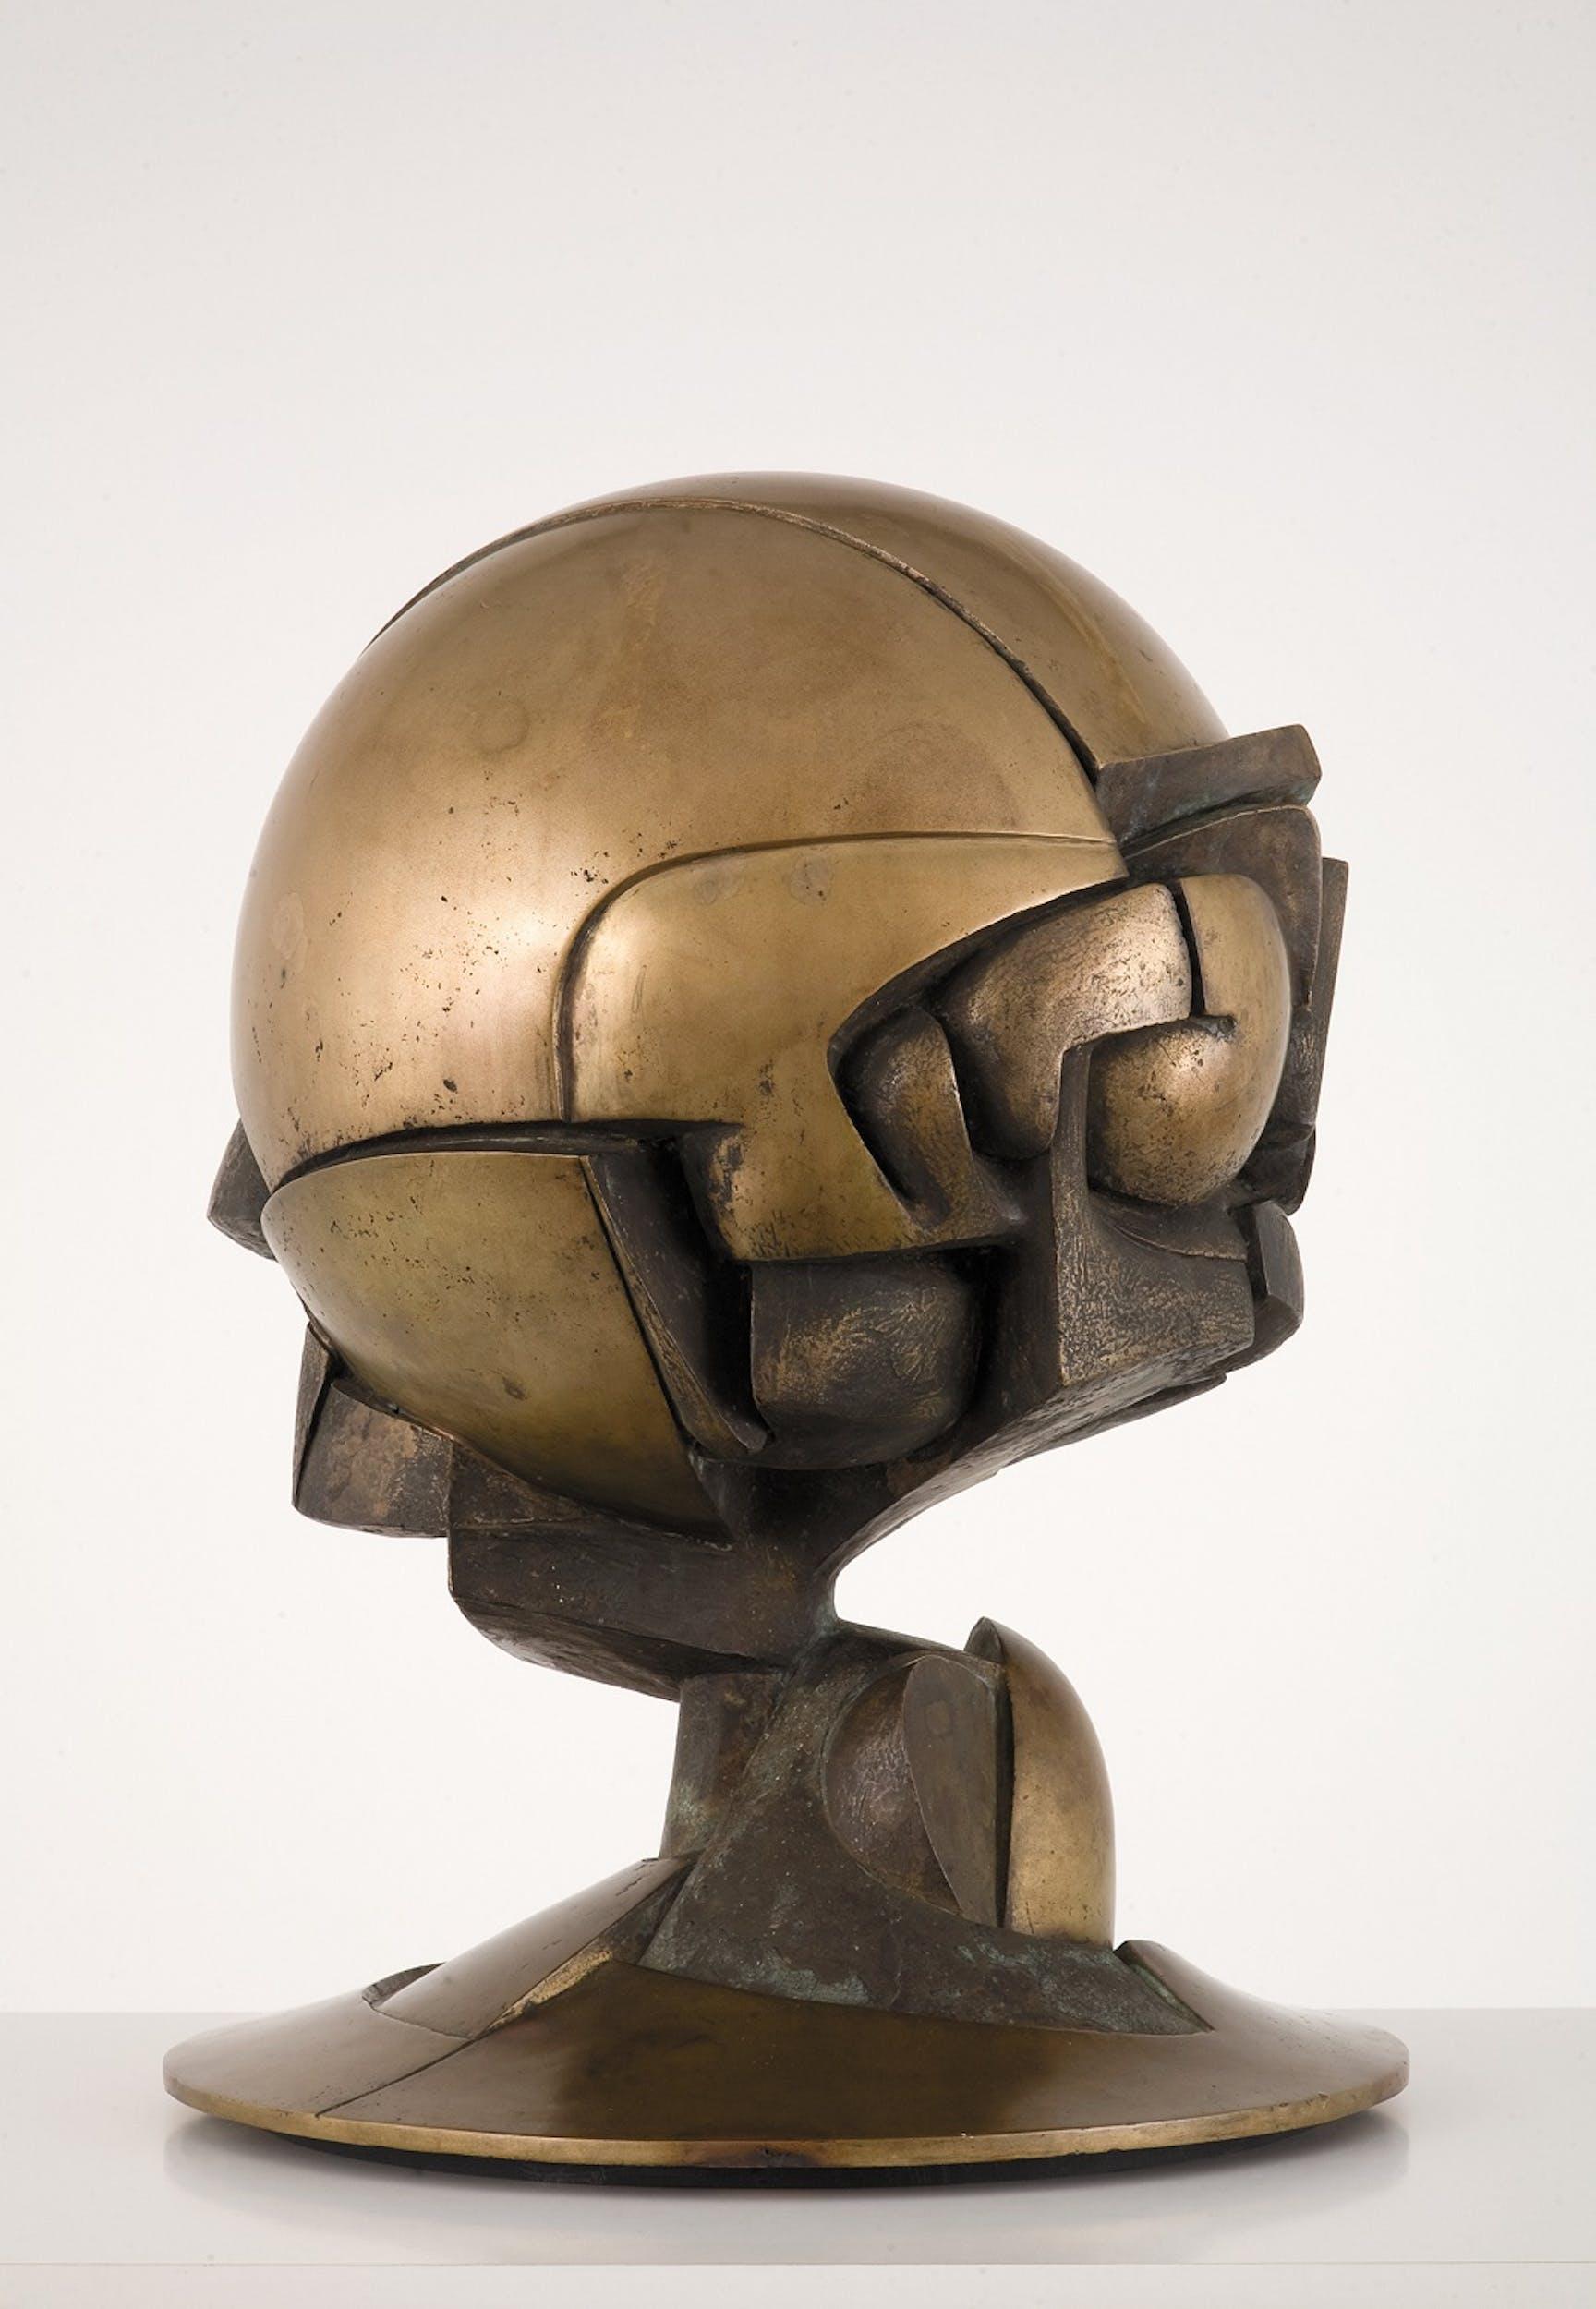 Fritz Koenig. Kugelkaryatide N.Y. Cariatide sferica V N.Y., 1968 bronzo Fondazione Fritz e Maria Koenig